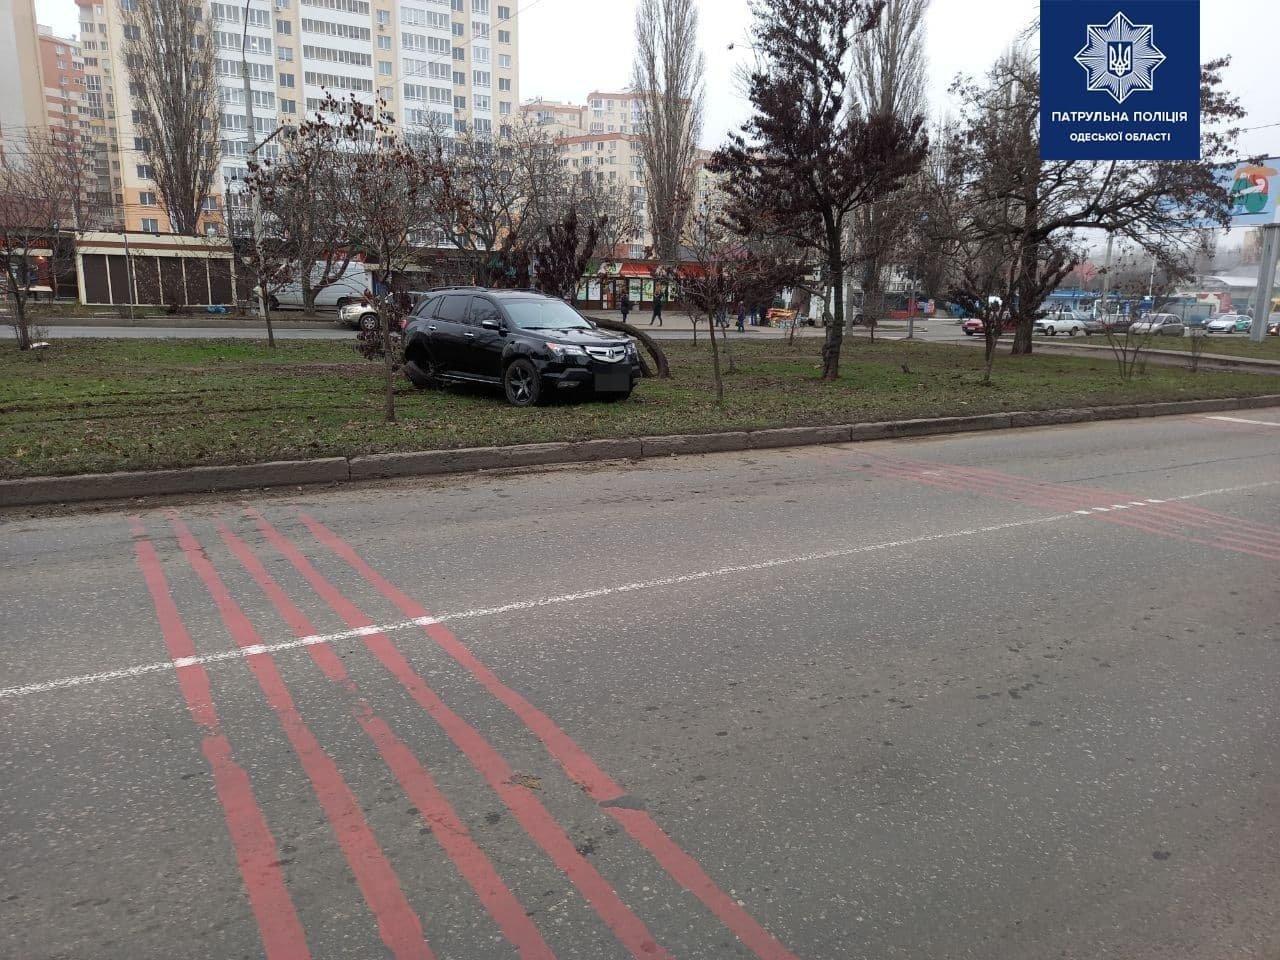 ДТП на Таирова в Одессе: после столкновения один из автомоб..., фото-33